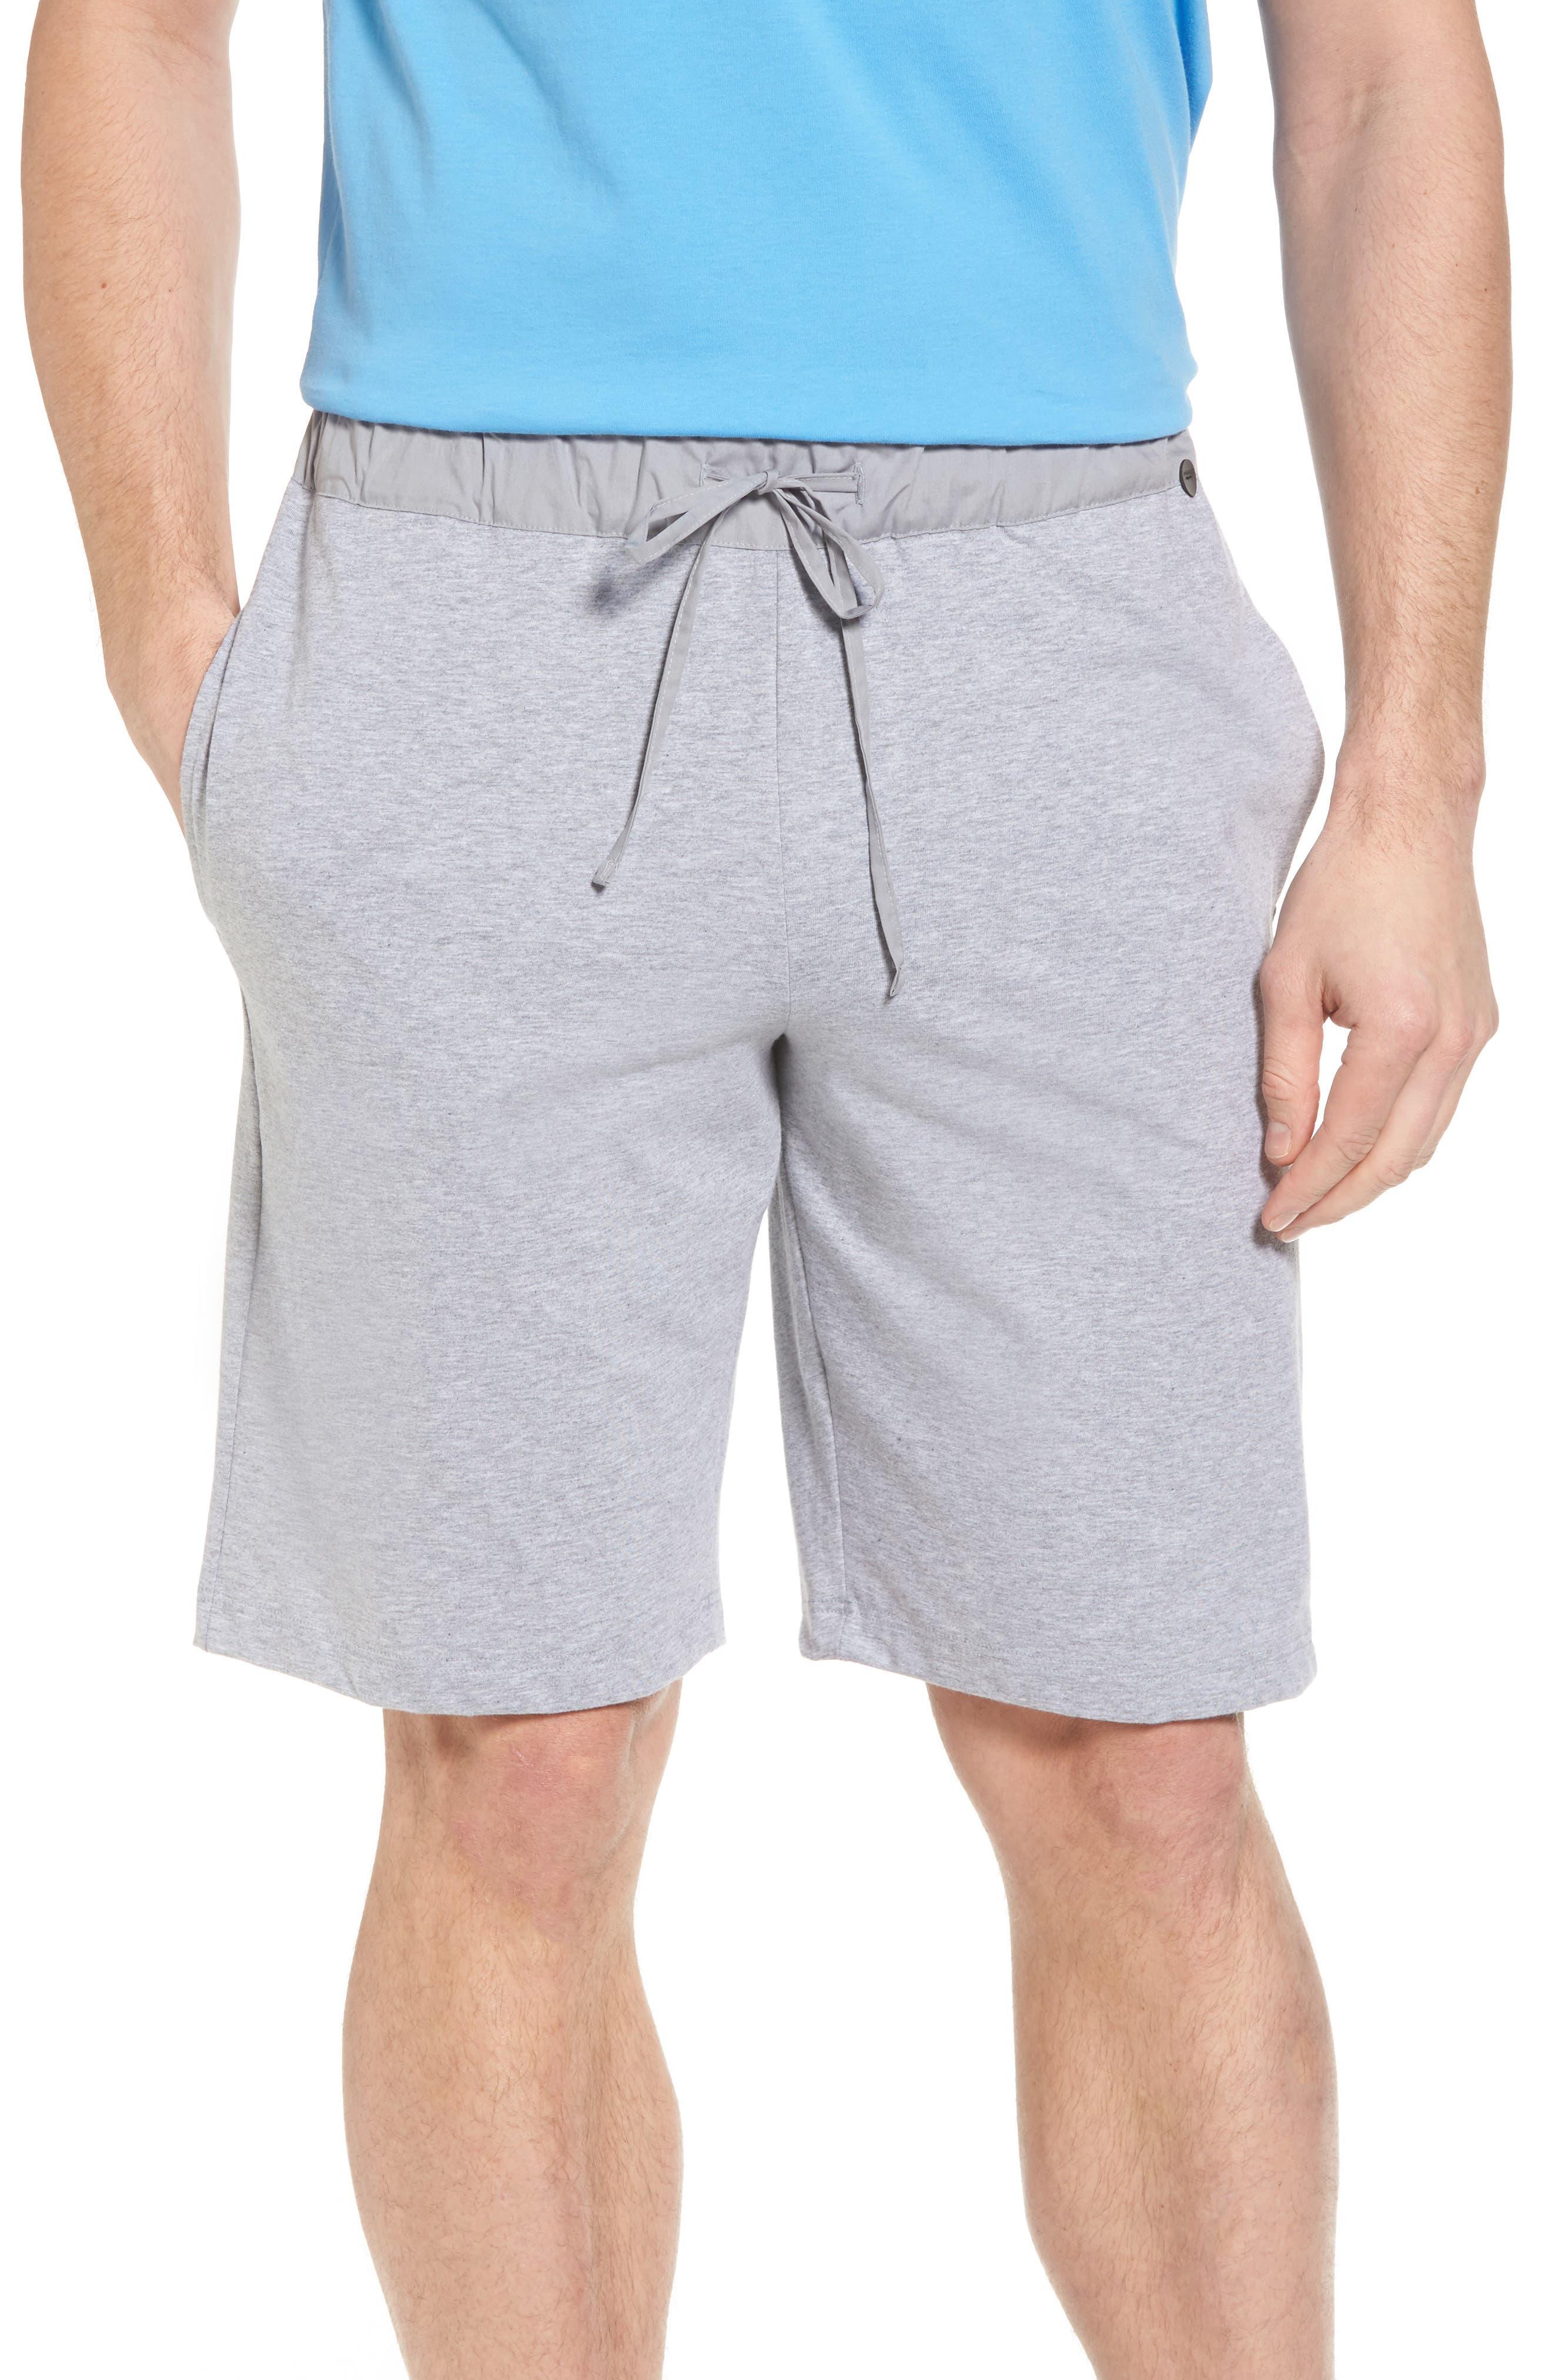 Night & Day Knit Shorts,                             Main thumbnail 1, color,                             Silver Melange